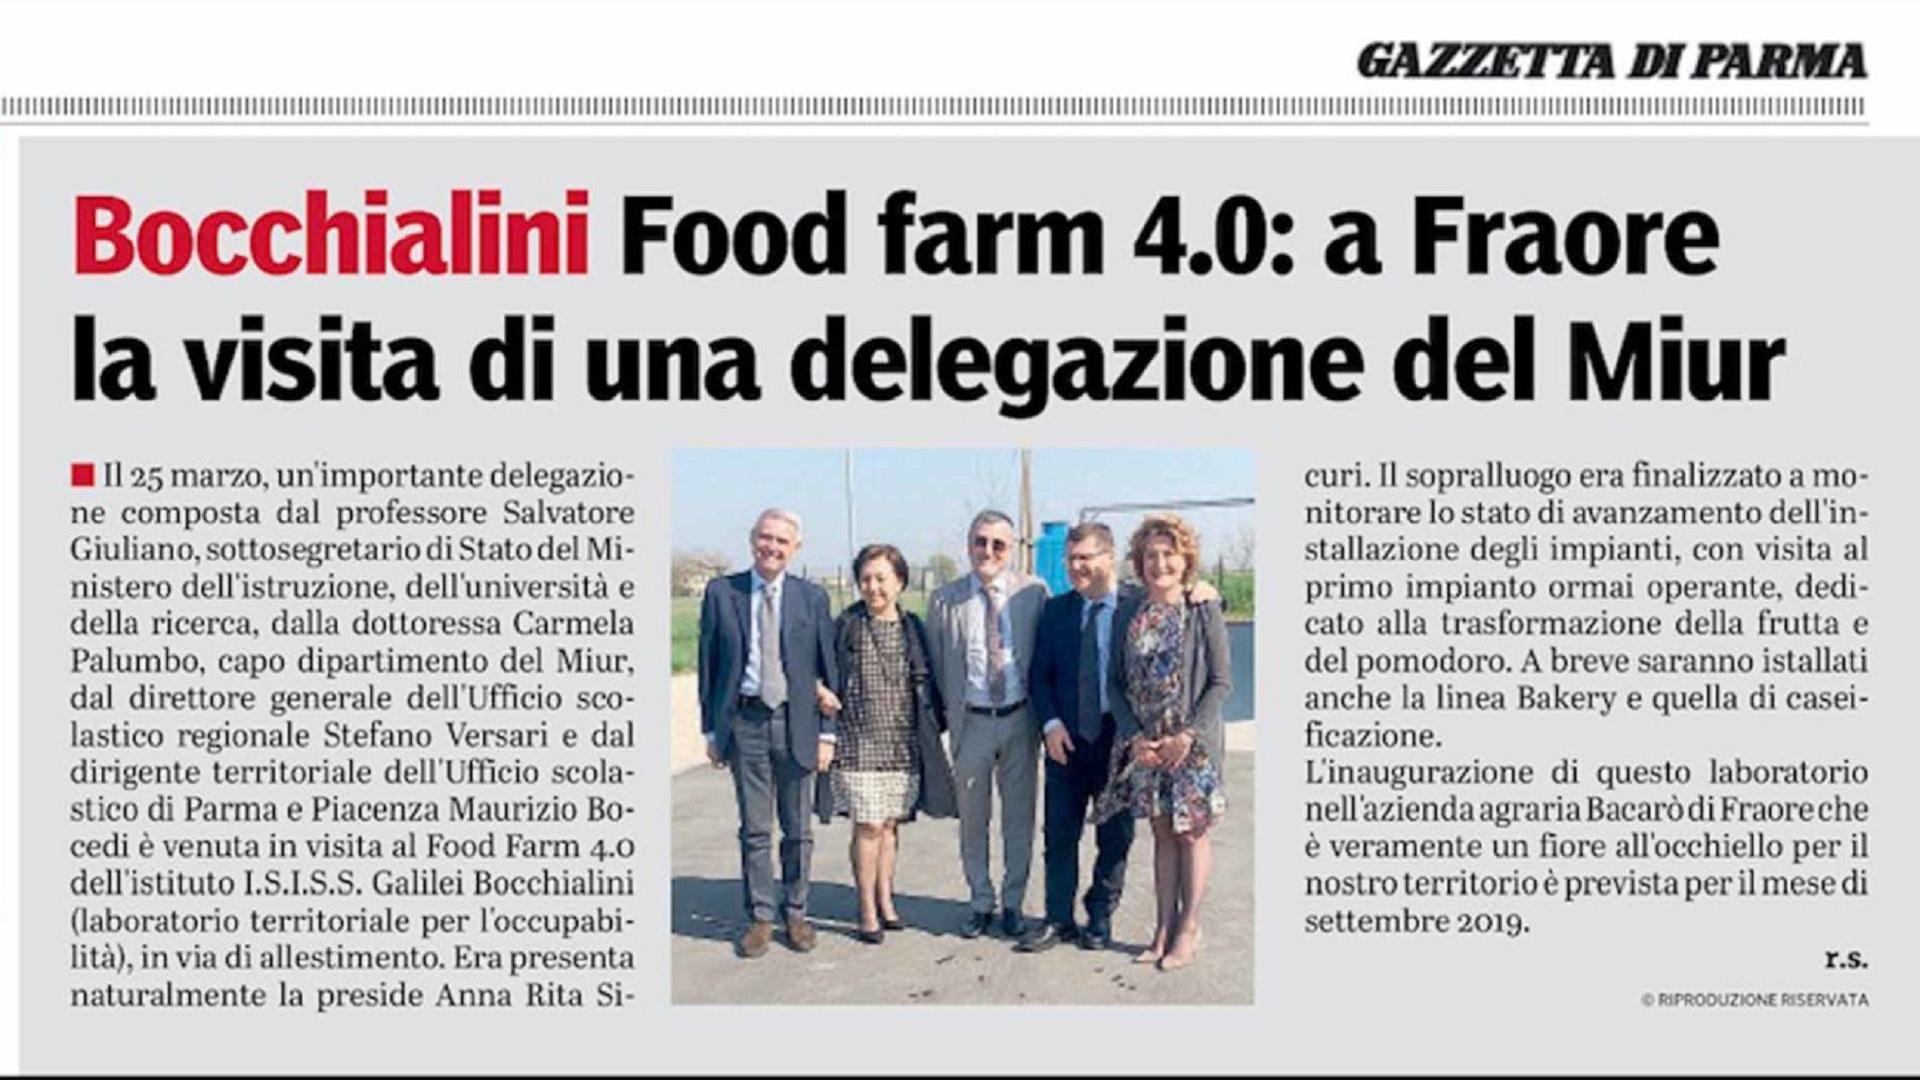 FOOD FARM 4.0: visita di una delegazione del MIUR il 25/03/2019